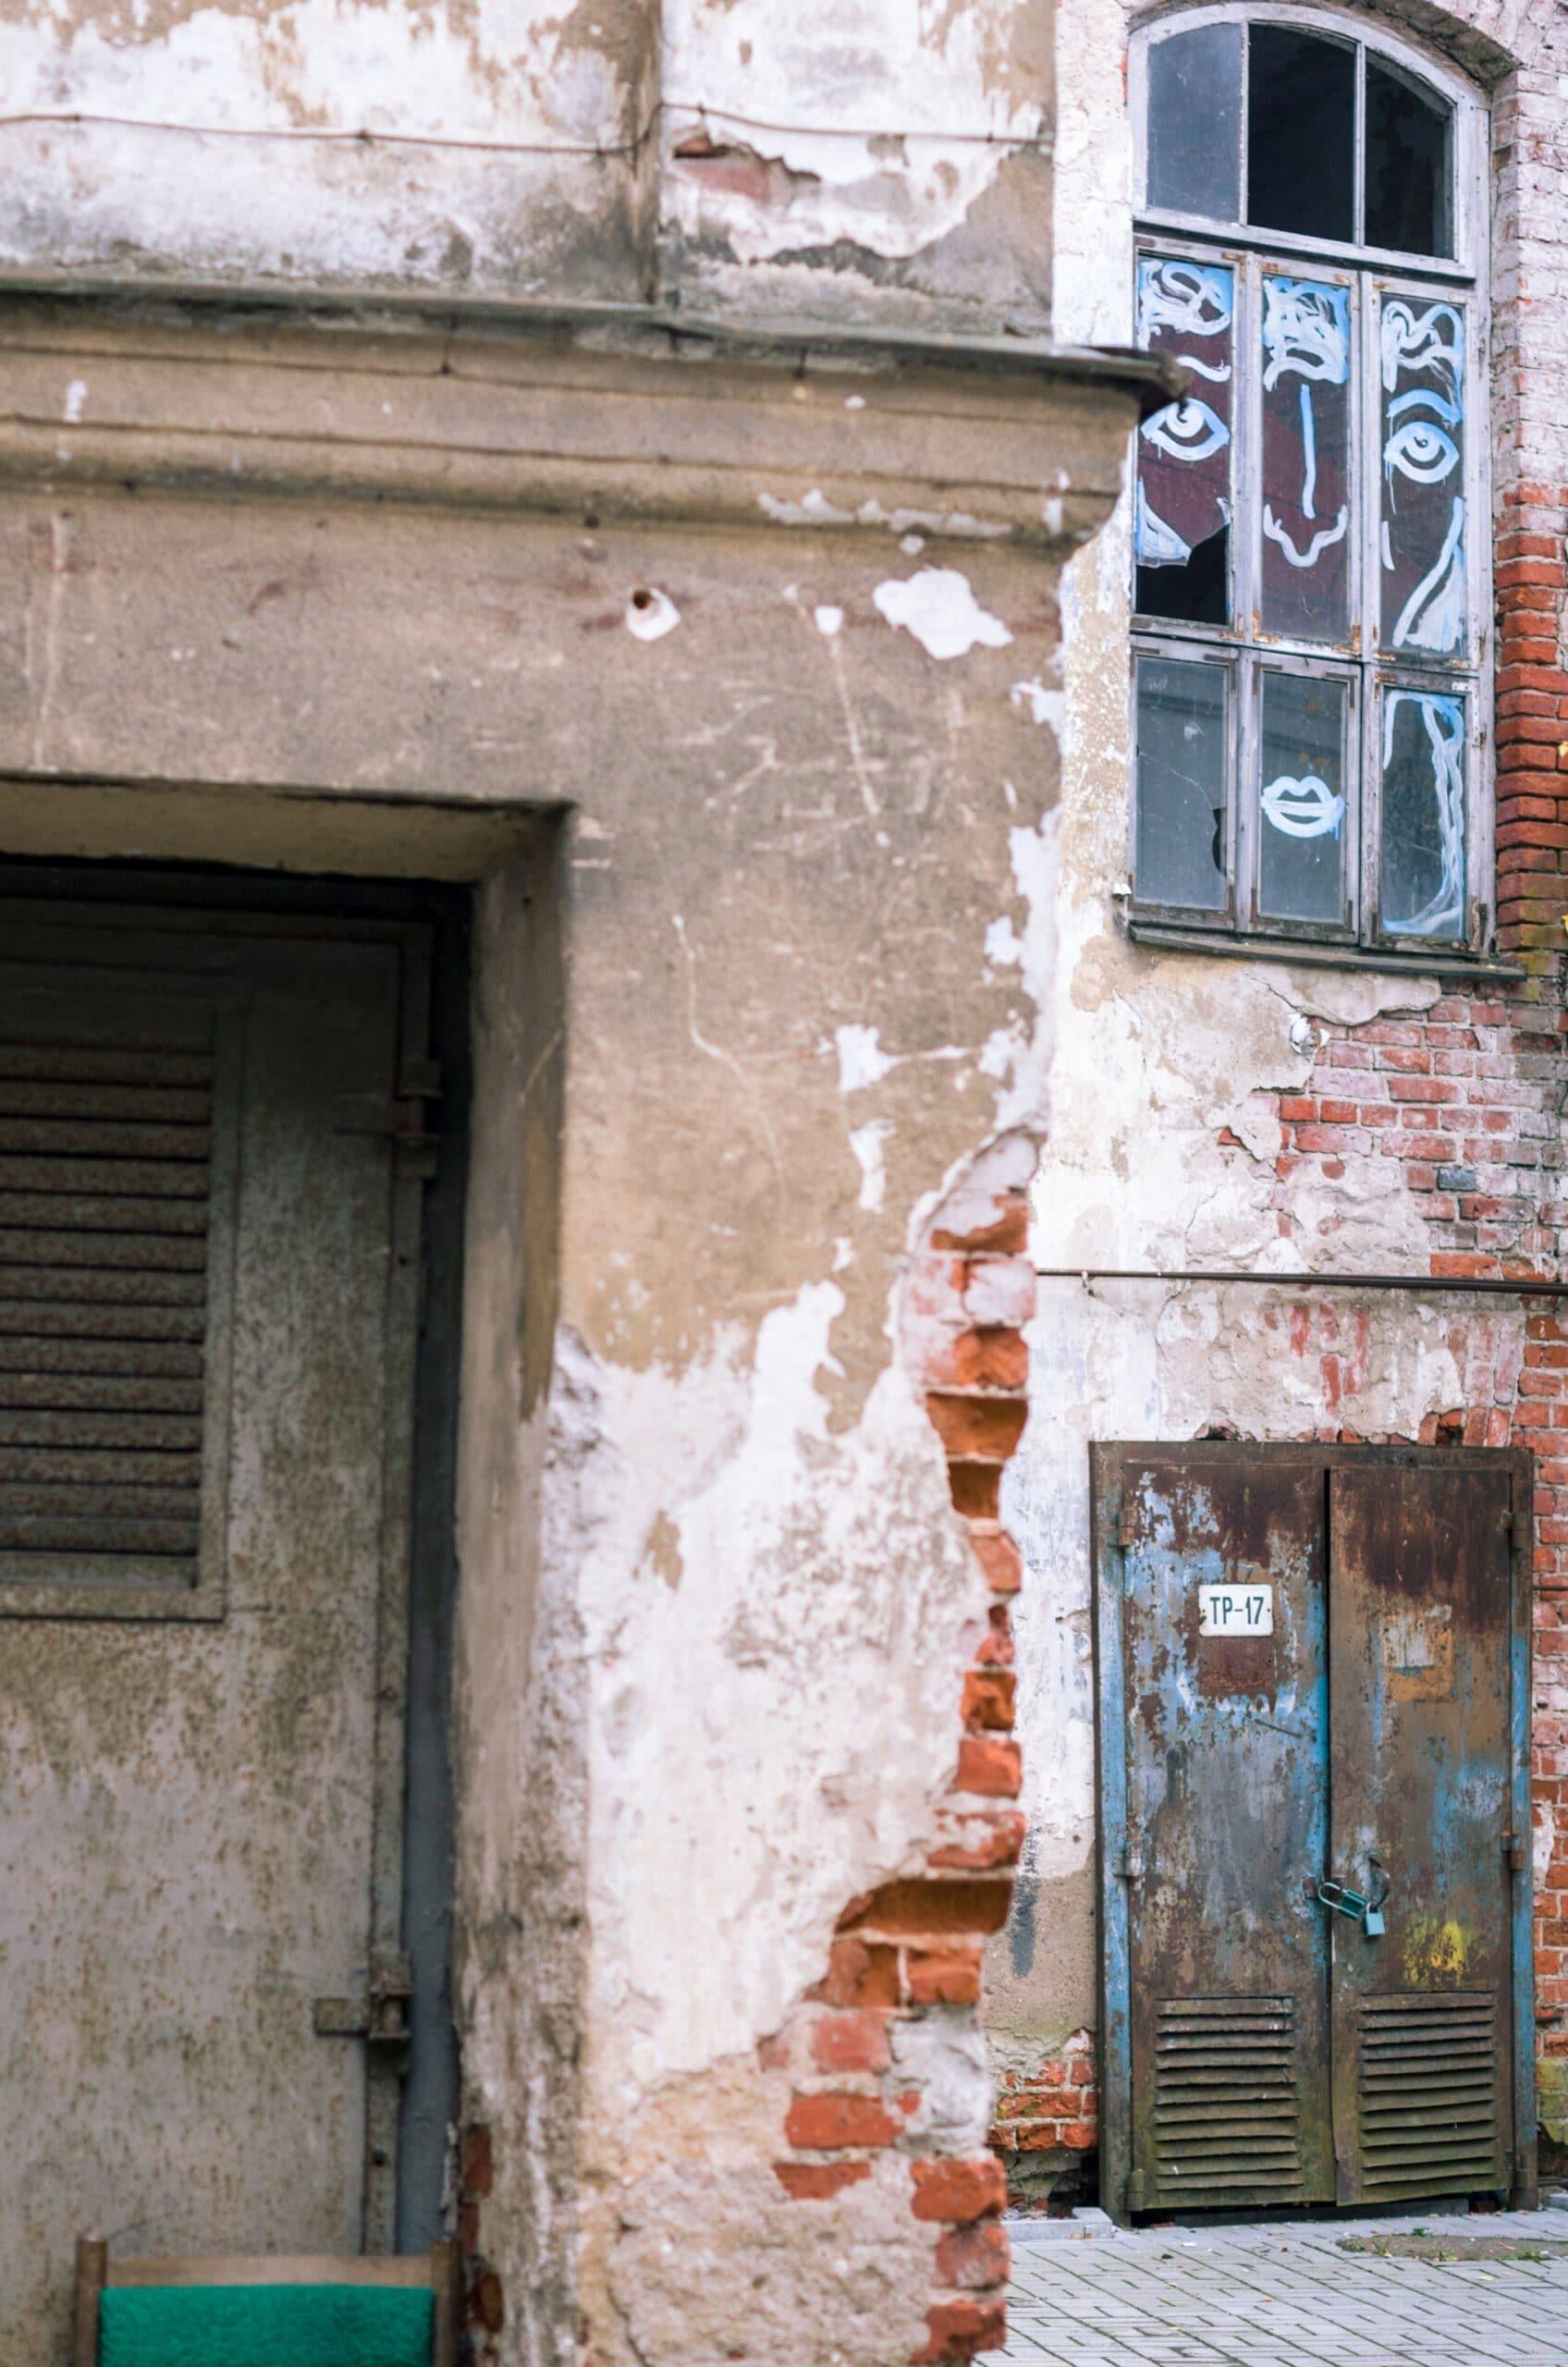 Gatvės menas - veidas ant lango stiklo - Vilmantas Ramonas